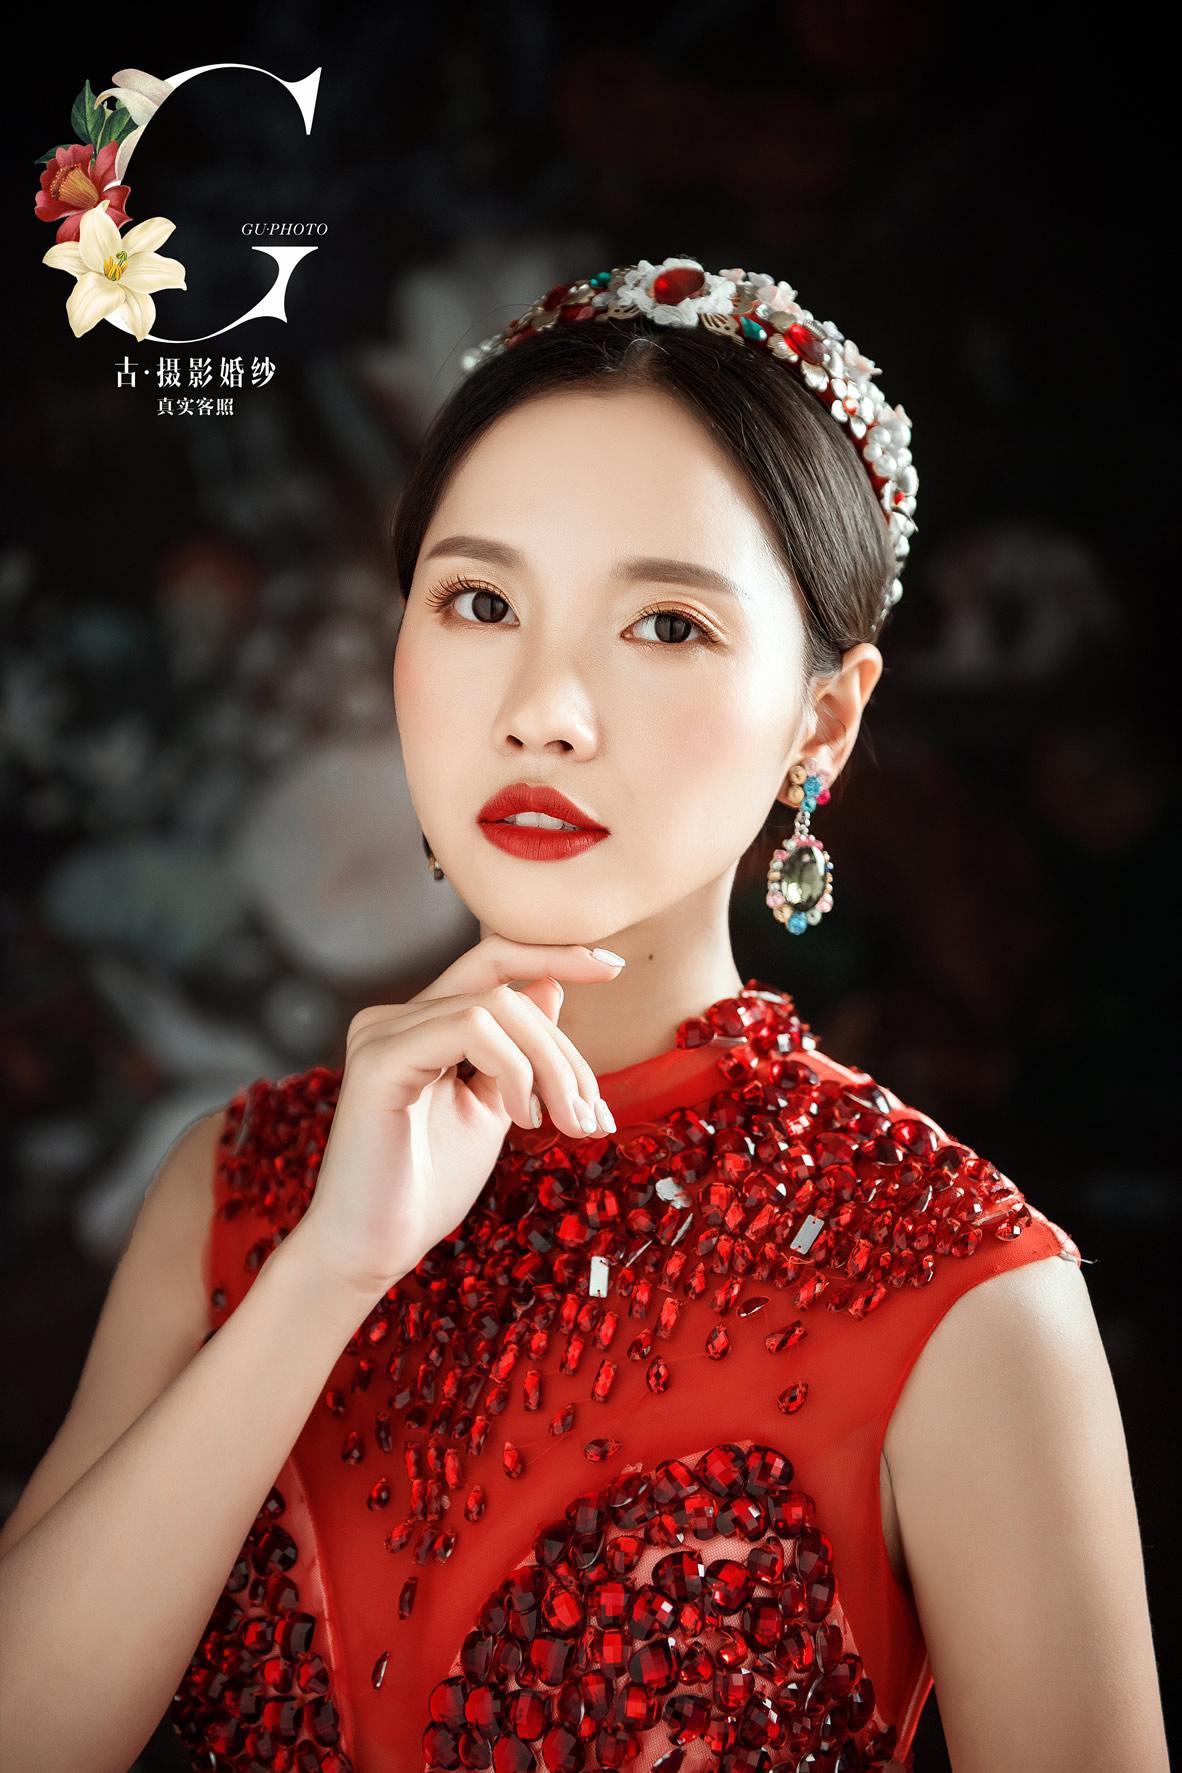 5月23日客片贾先生 蔡小姐 - 每日客照 - 古摄影婚纱艺术-古摄影成都婚纱摄影艺术摄影网